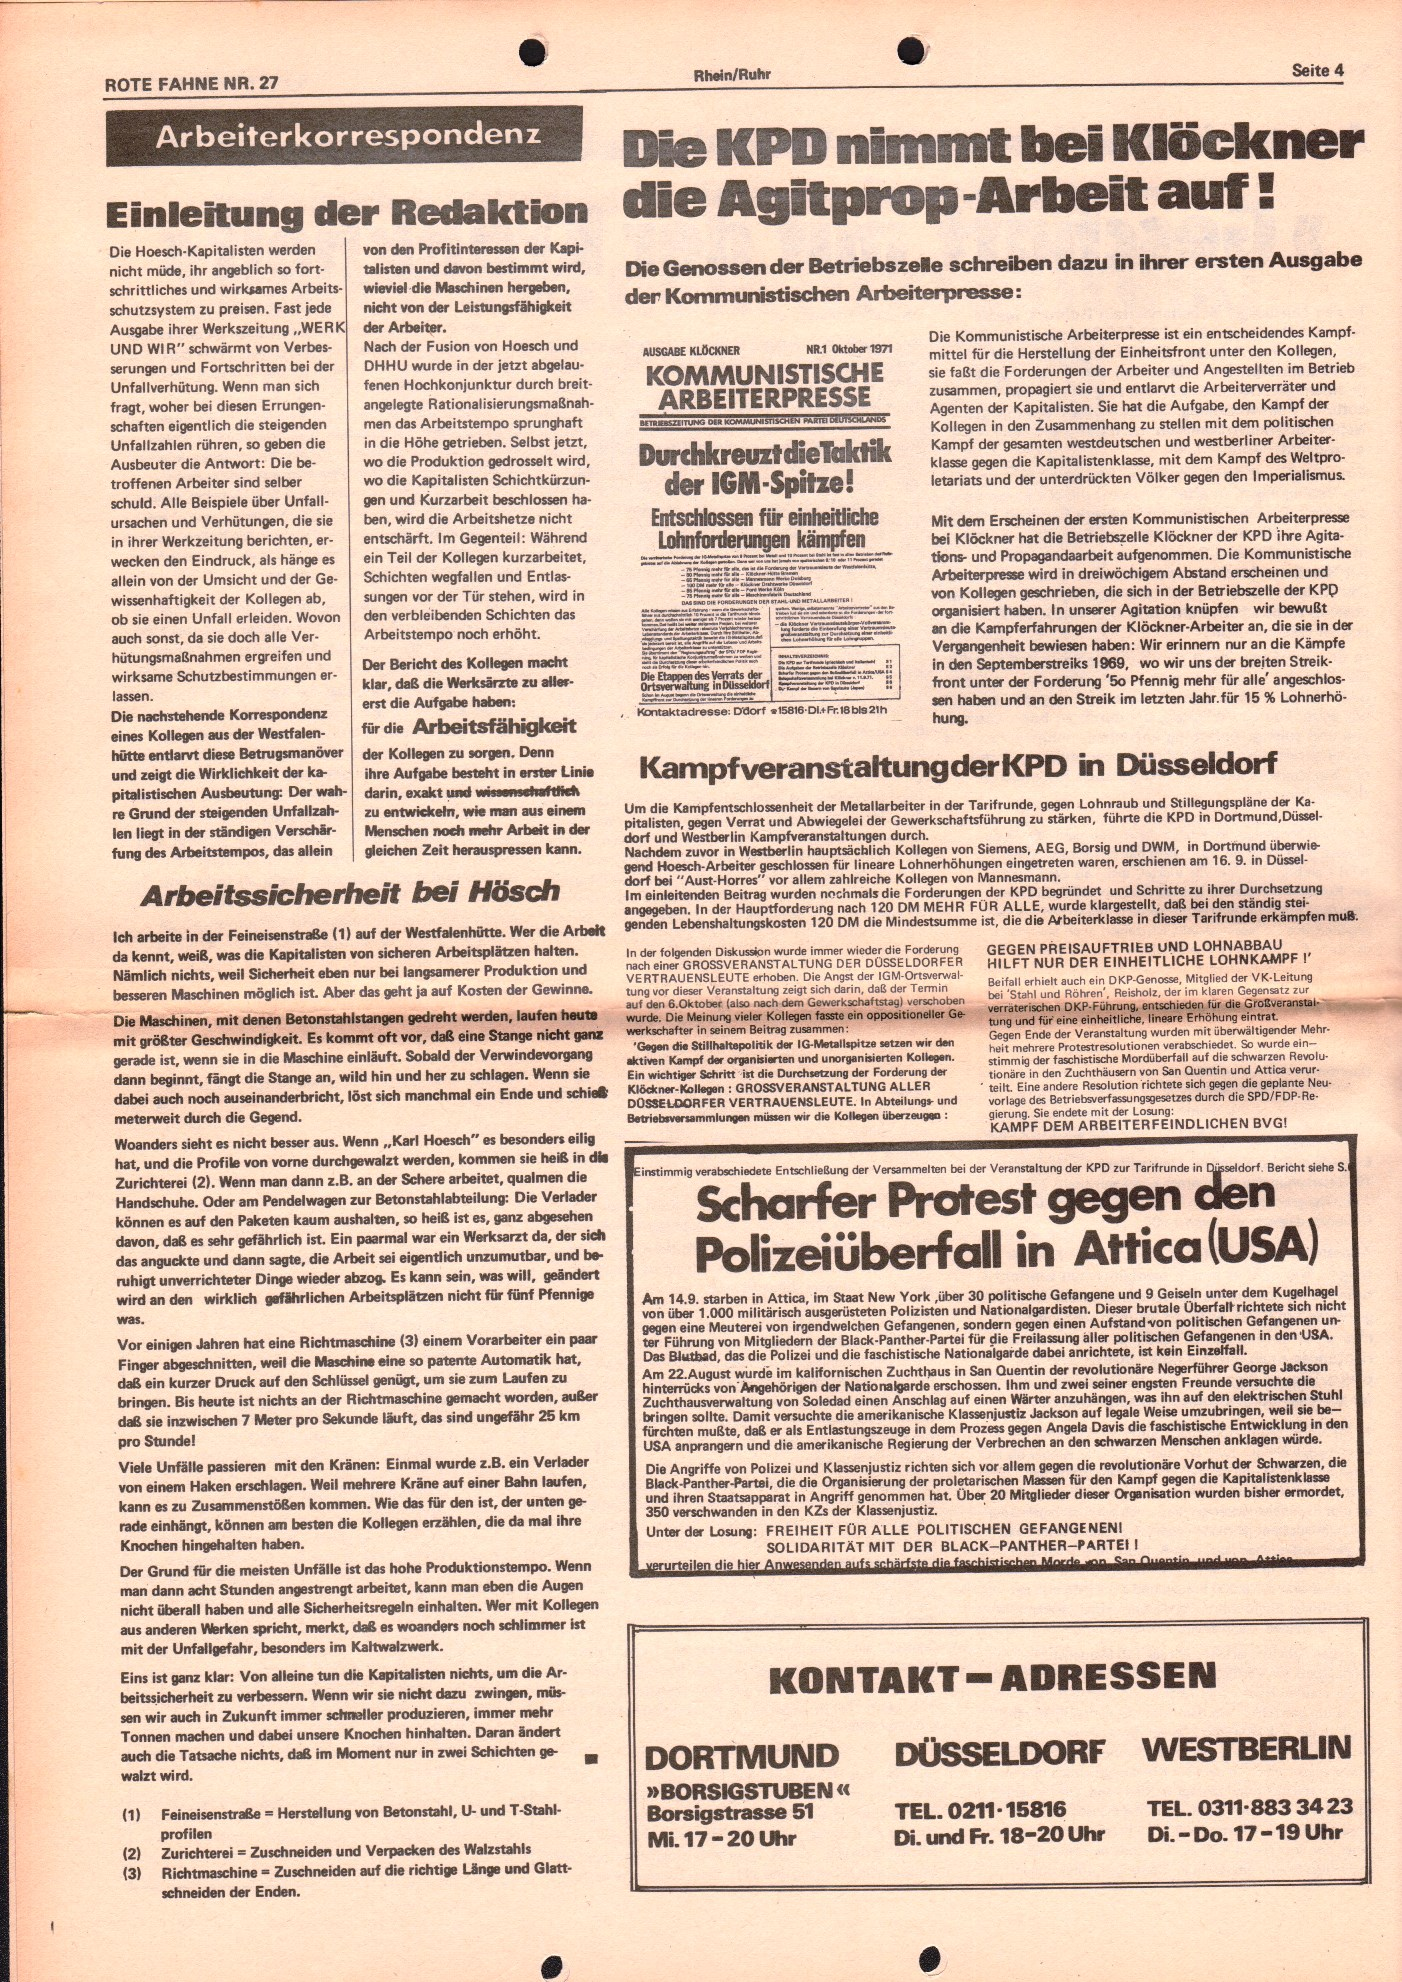 KPD_Rote_Fahne_1971_27_04